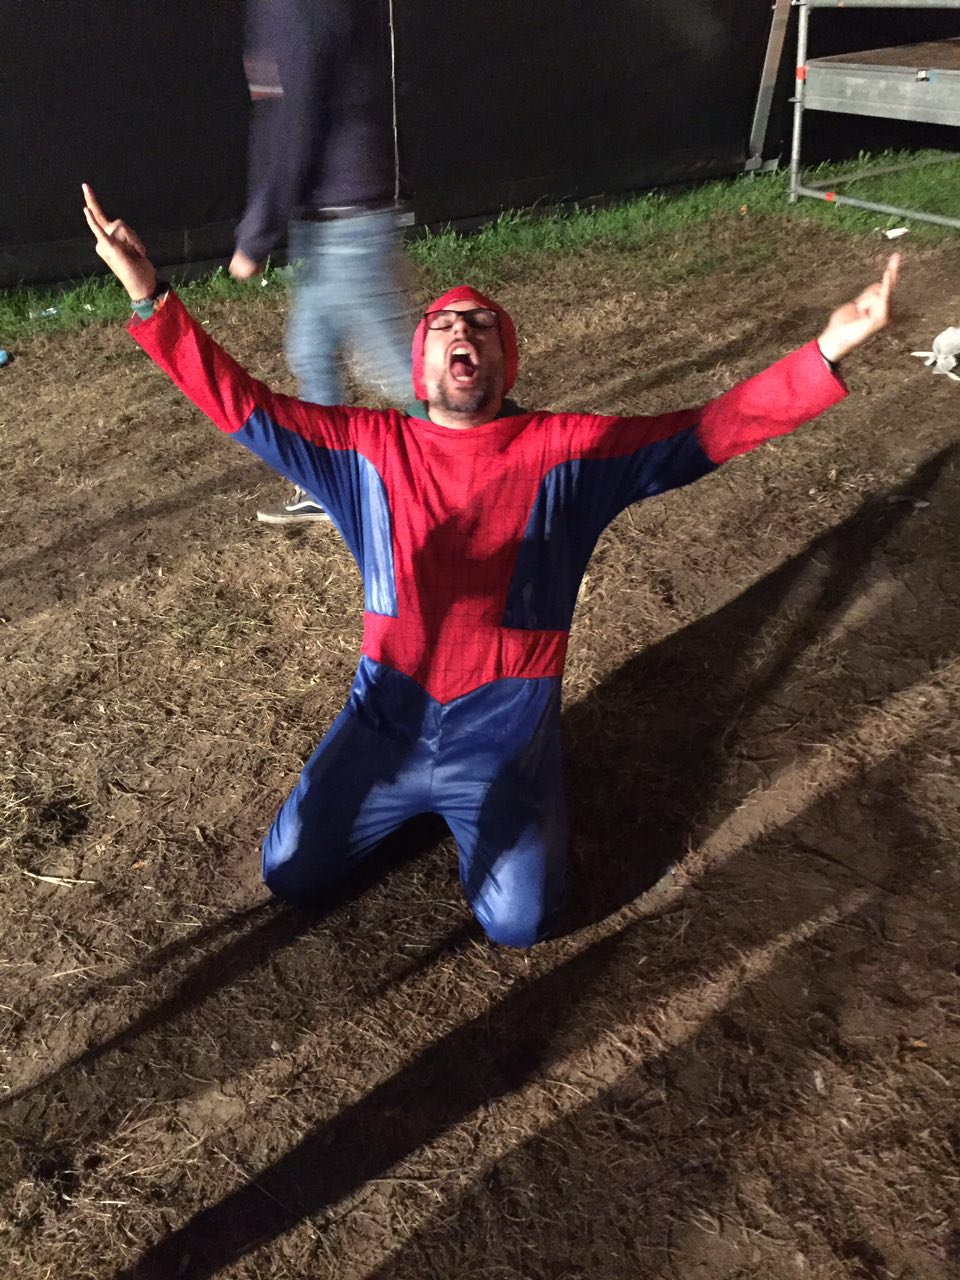 Bardulias - Mi vida privada con Spiderman